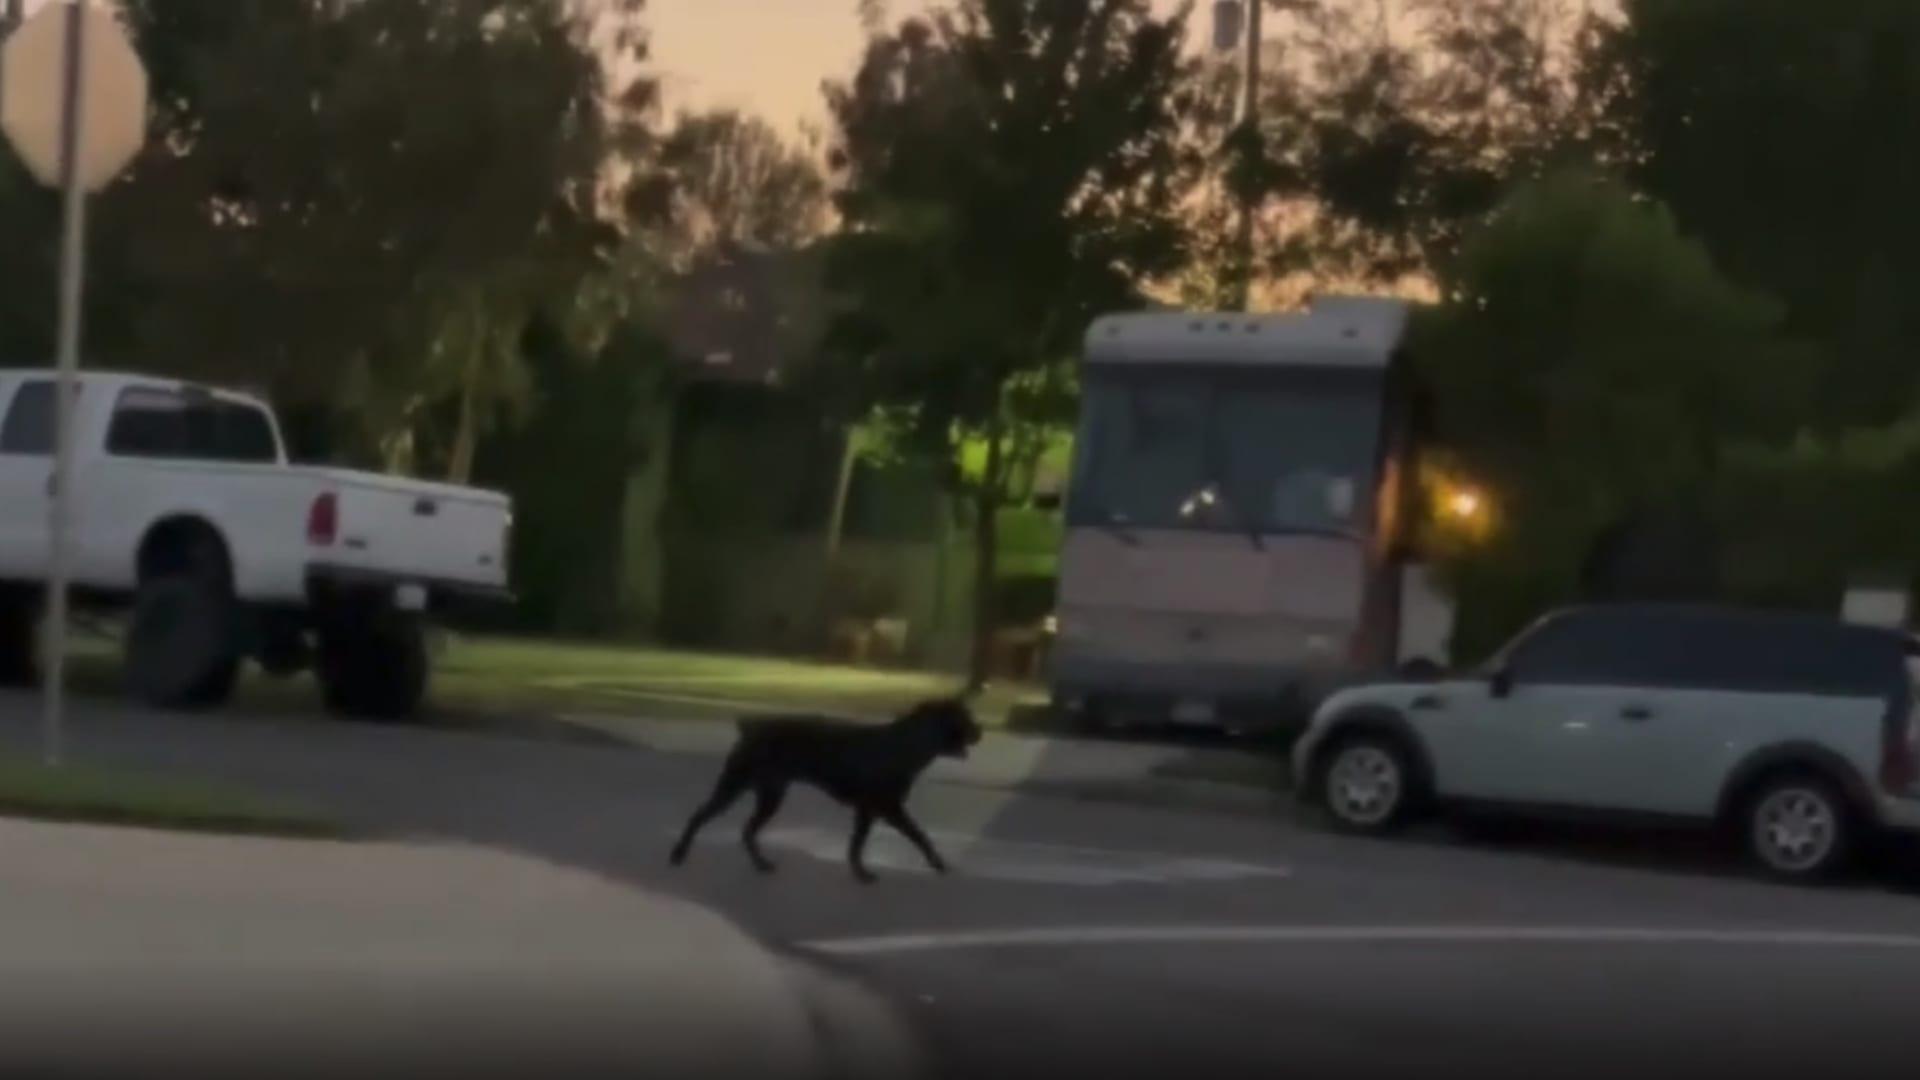 شاهد.. كلاب شرسة تهاجم فتاة في الشارع وأحد المارة يوثق لحظة الرعب